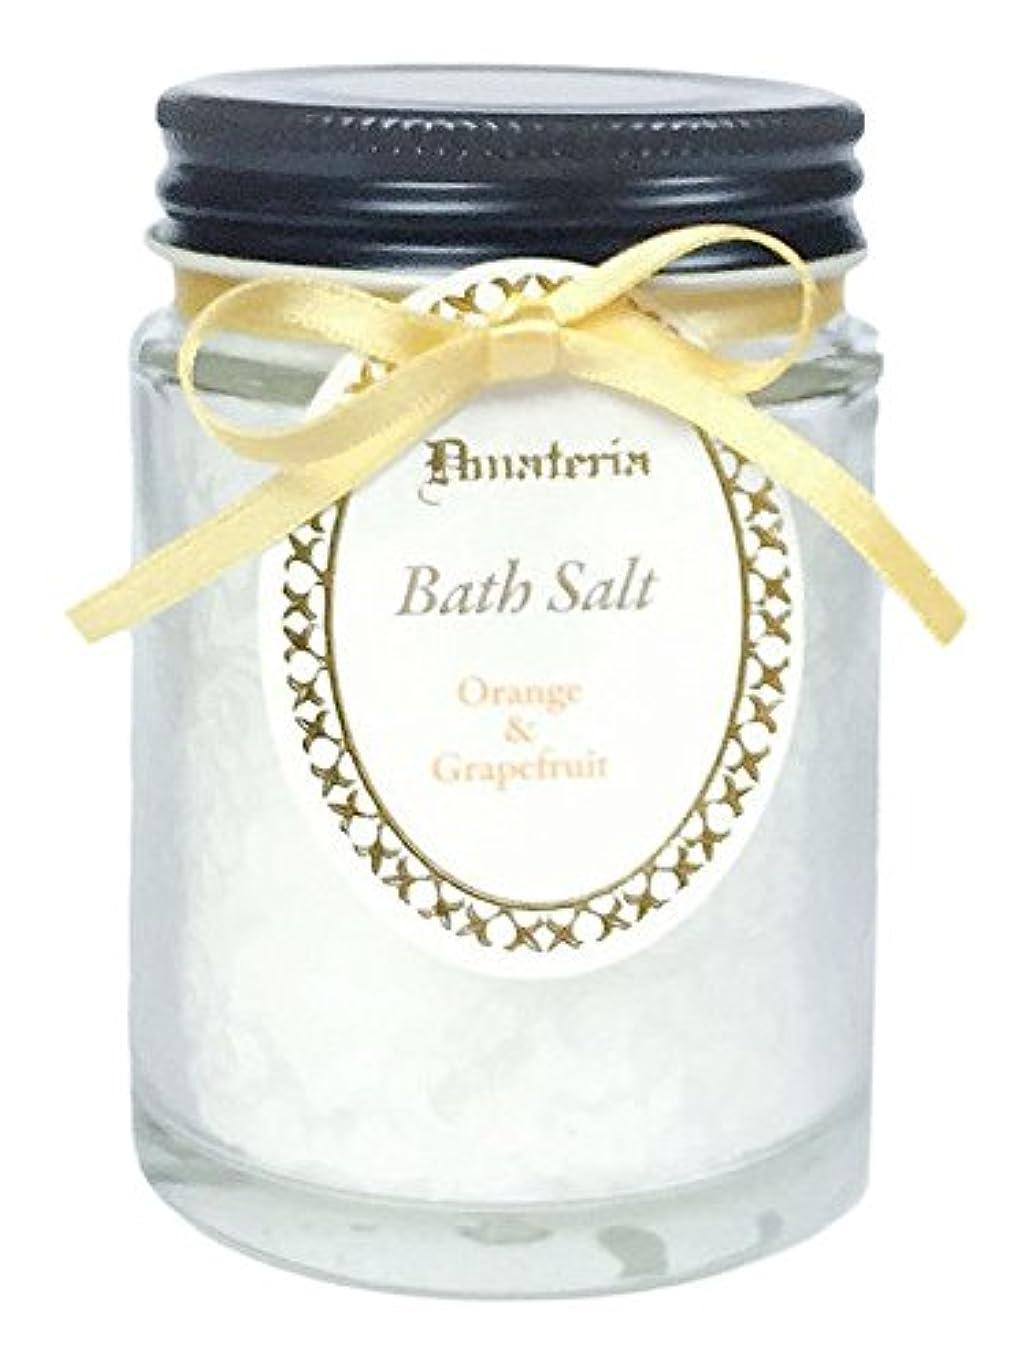 心のこもった宣言する大型トラックD materia バスソルト オレンジ&グレープフルーツ Orange&Grapefruit Bath Salt ディーマテリア